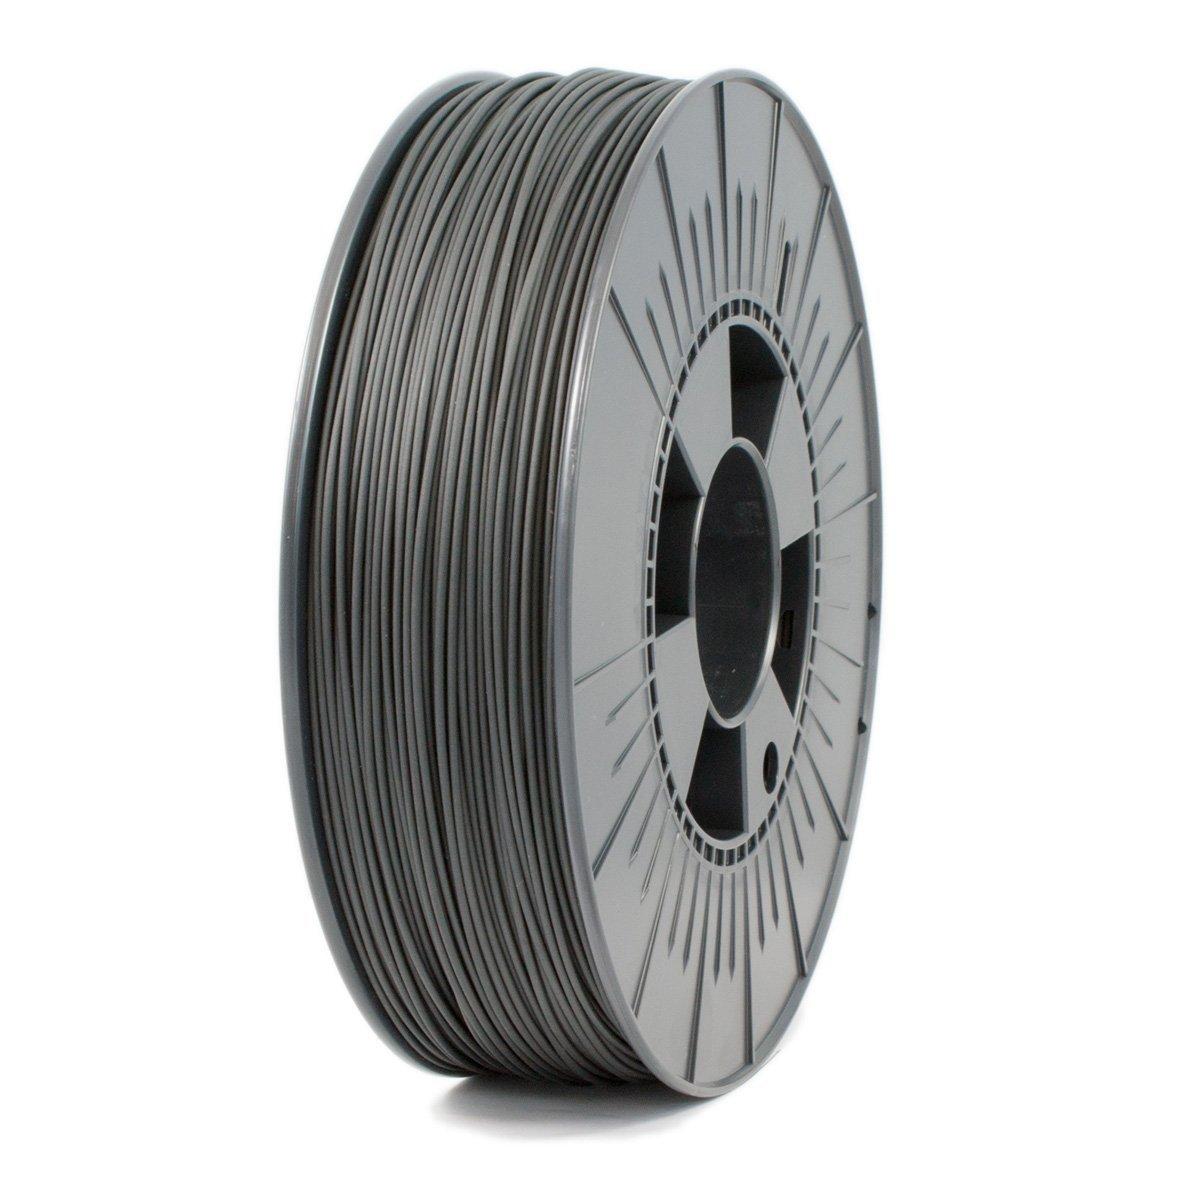 Ice Filaments  Brave Black HIPS 1.75 mm